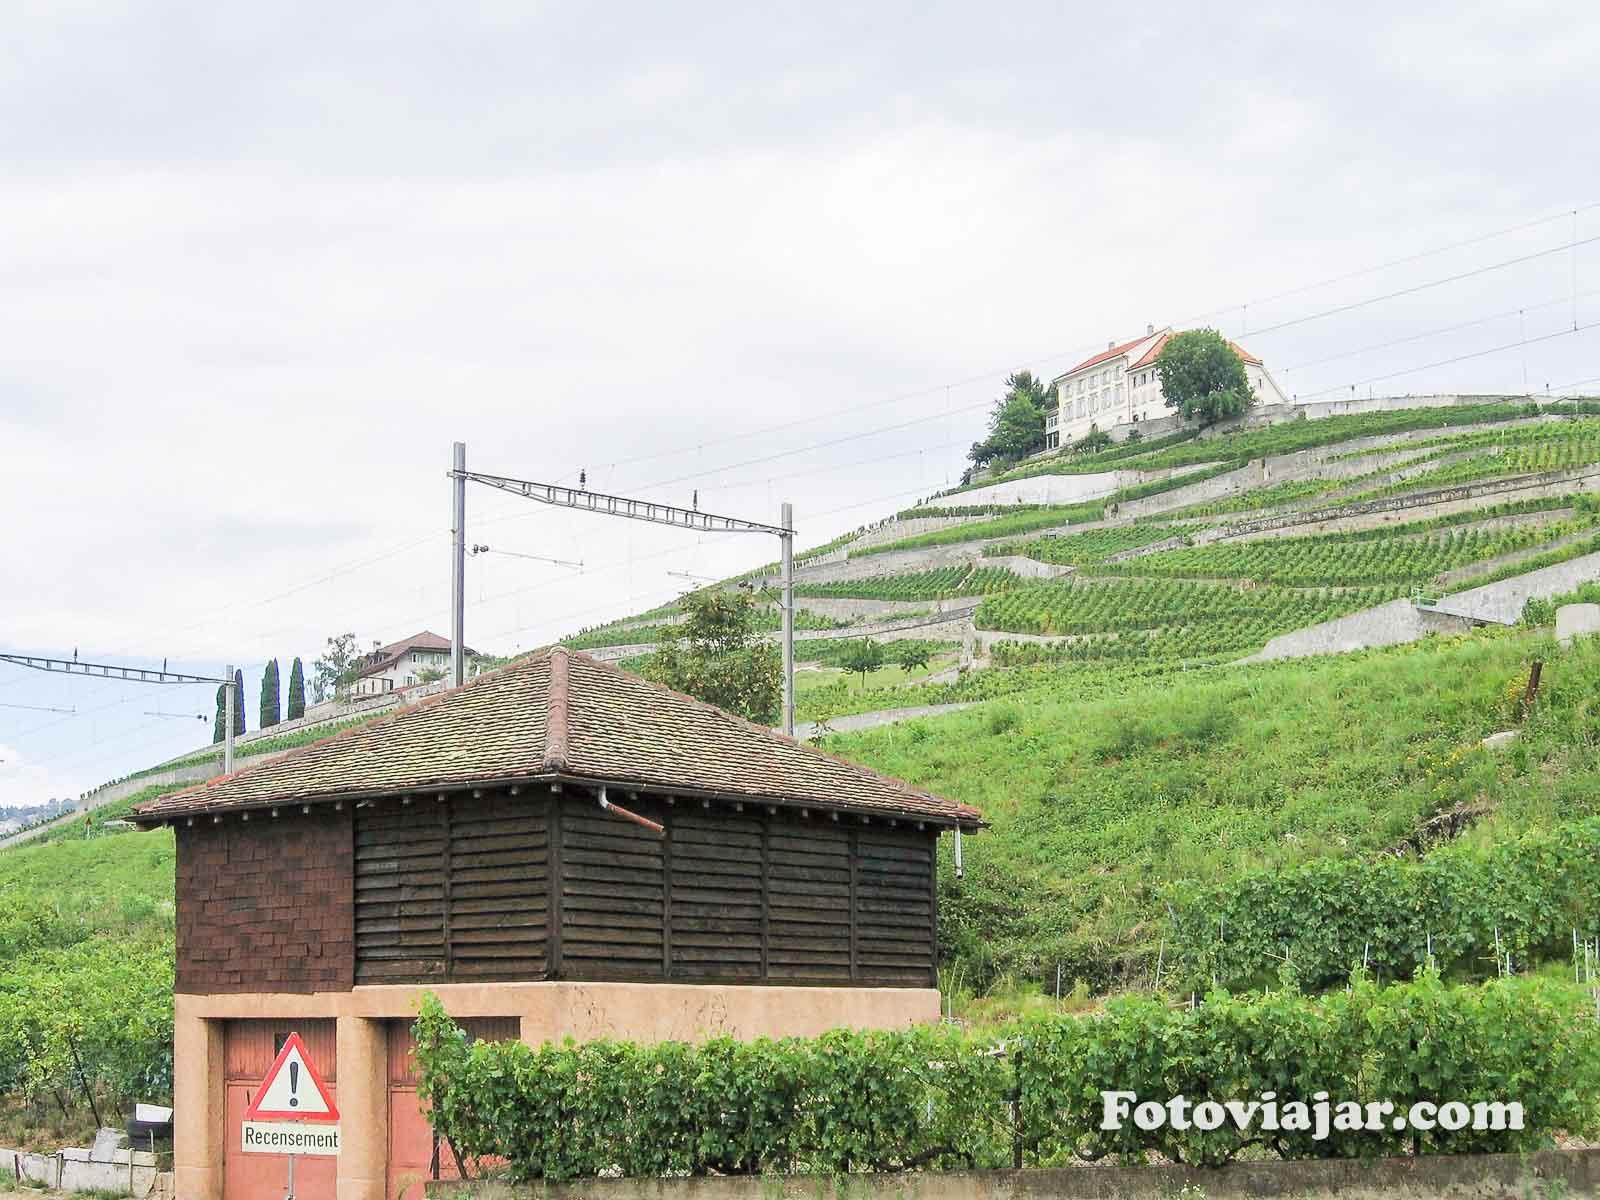 lago genebra vinhas